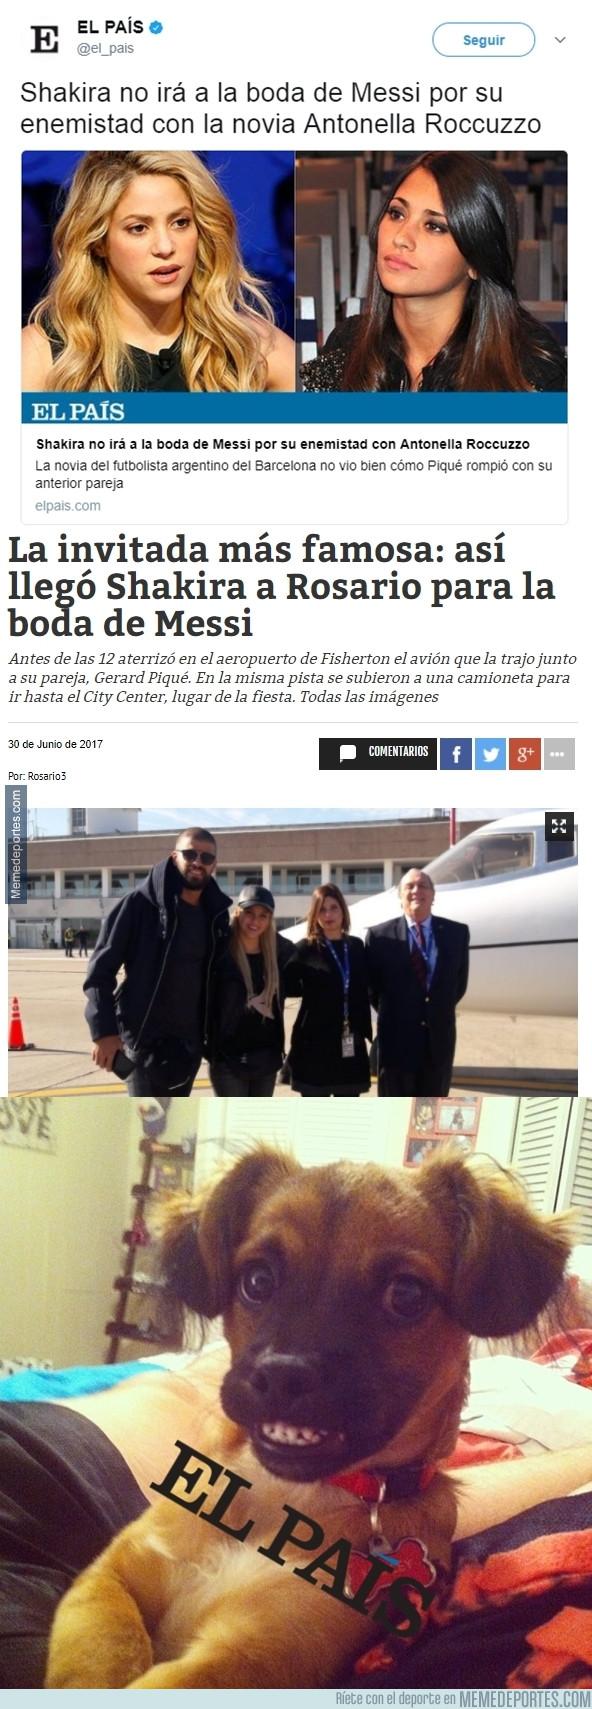 984860 - El diario 'El País' se retrata épicamente